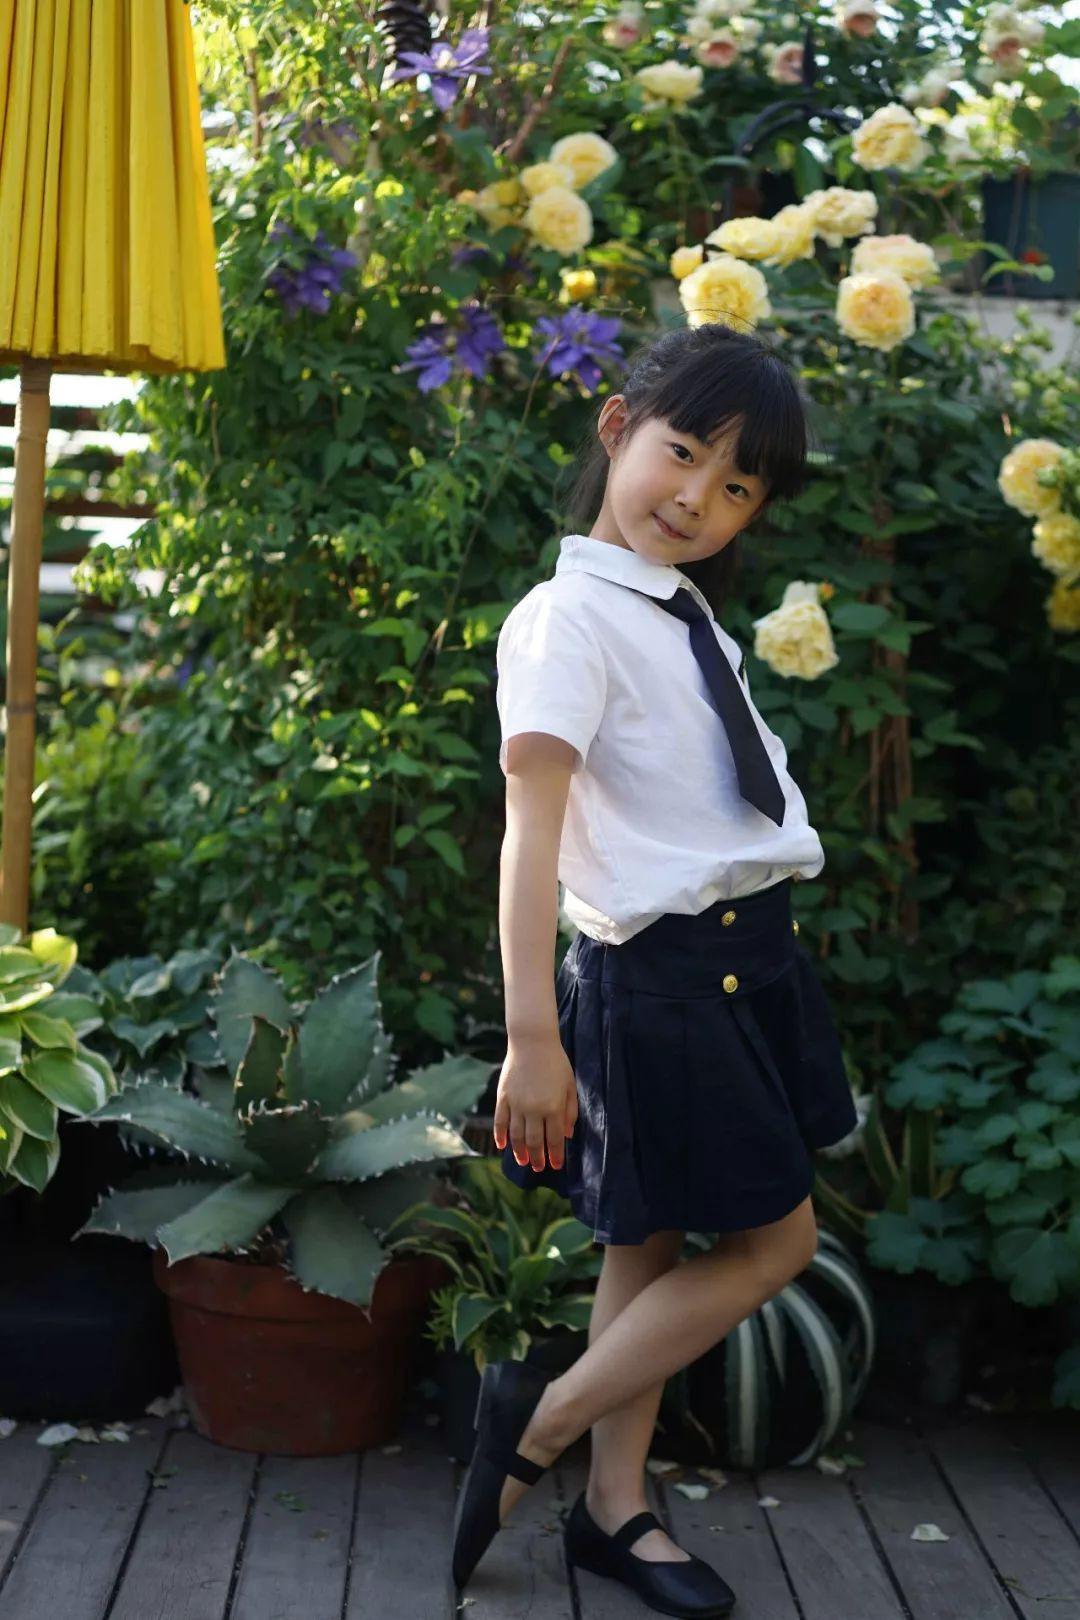 khu-vuon-co-tich-cua-me-va-con-gai-25-15407979699471417473735